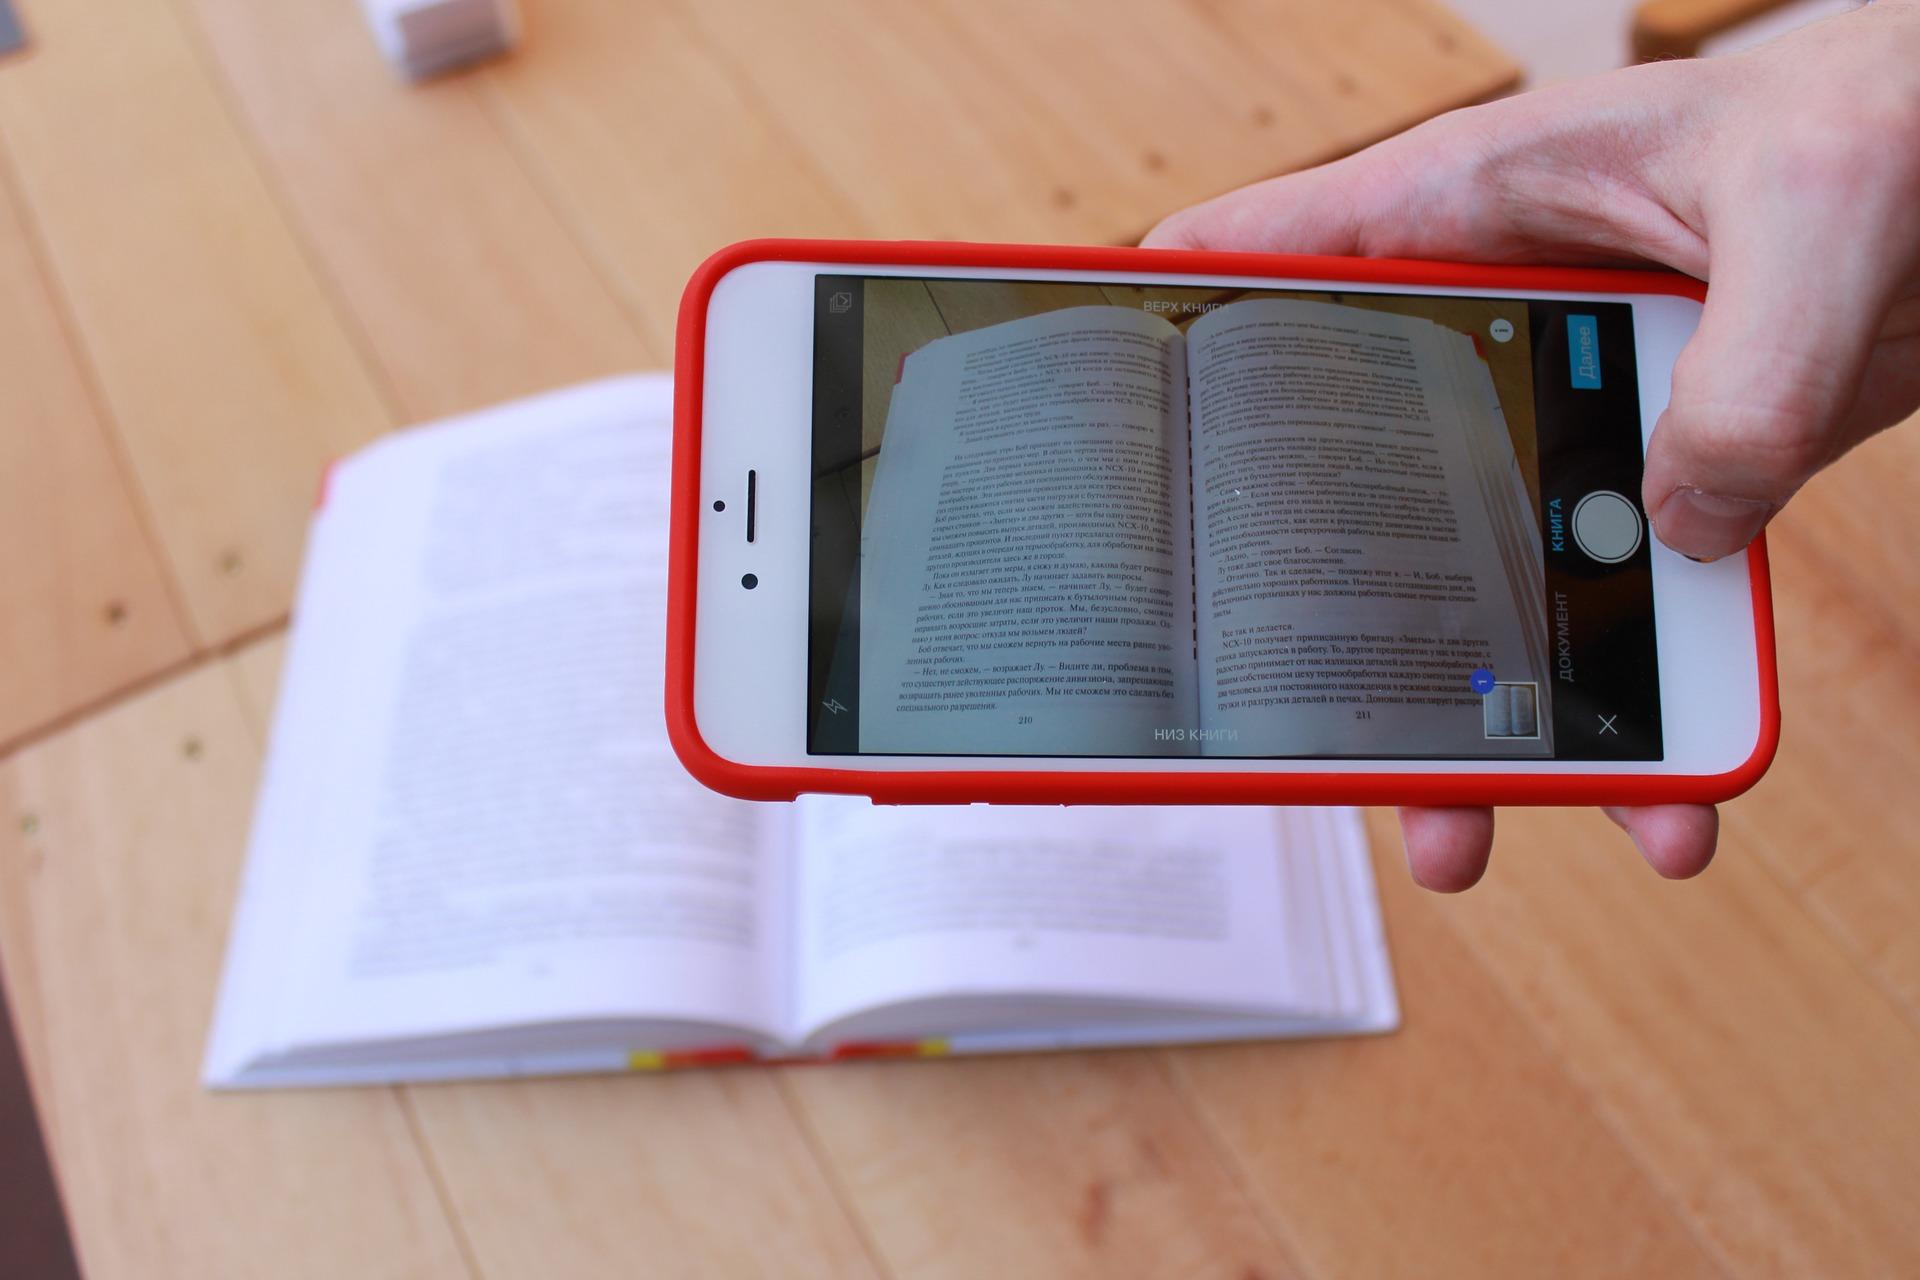 Mobiilisovellus asiakirjojen skannaamiseen iPhonessa ja Androidissa